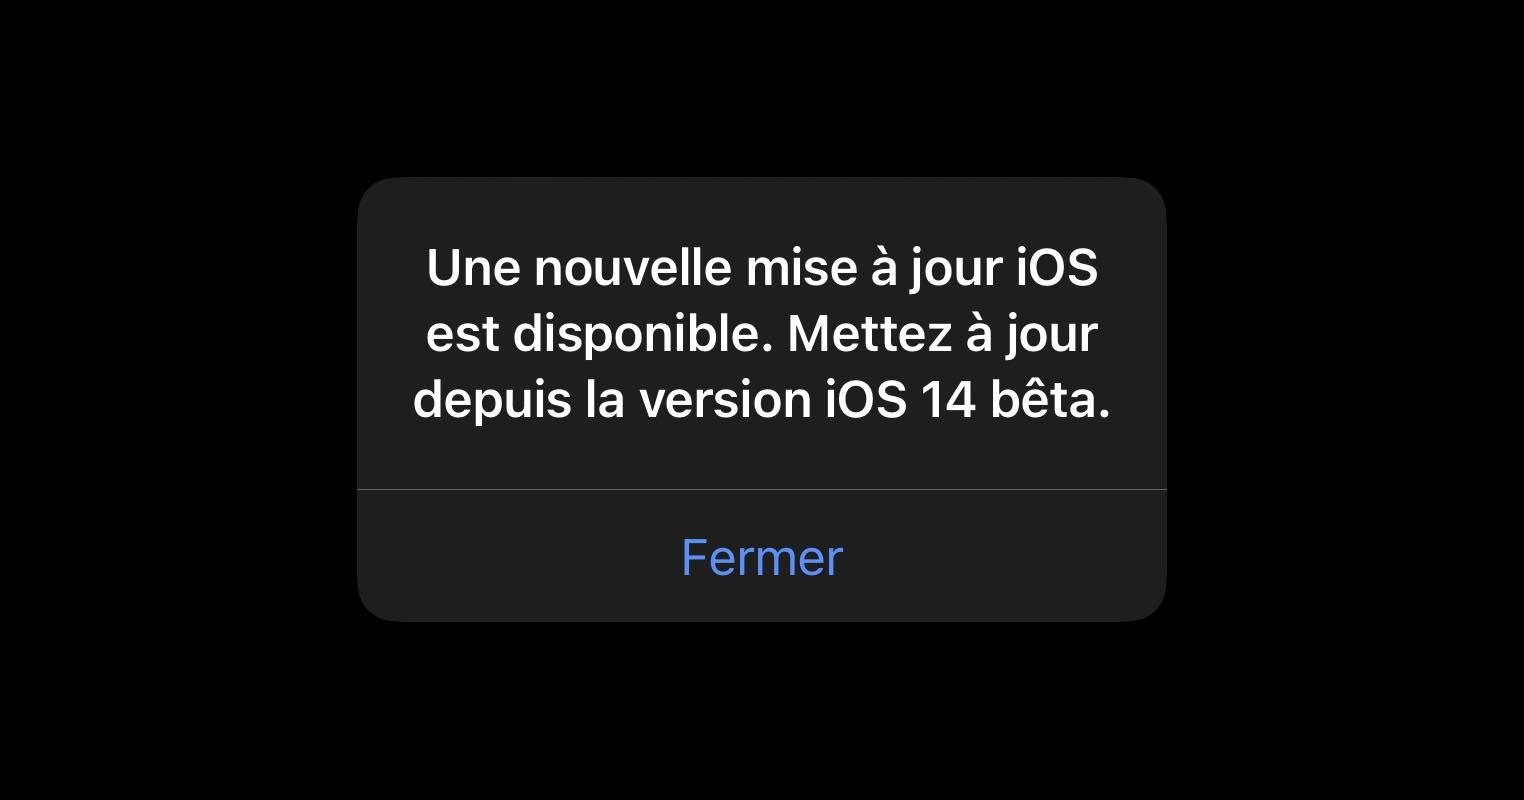 iOS 14 bêta notification mise à jour